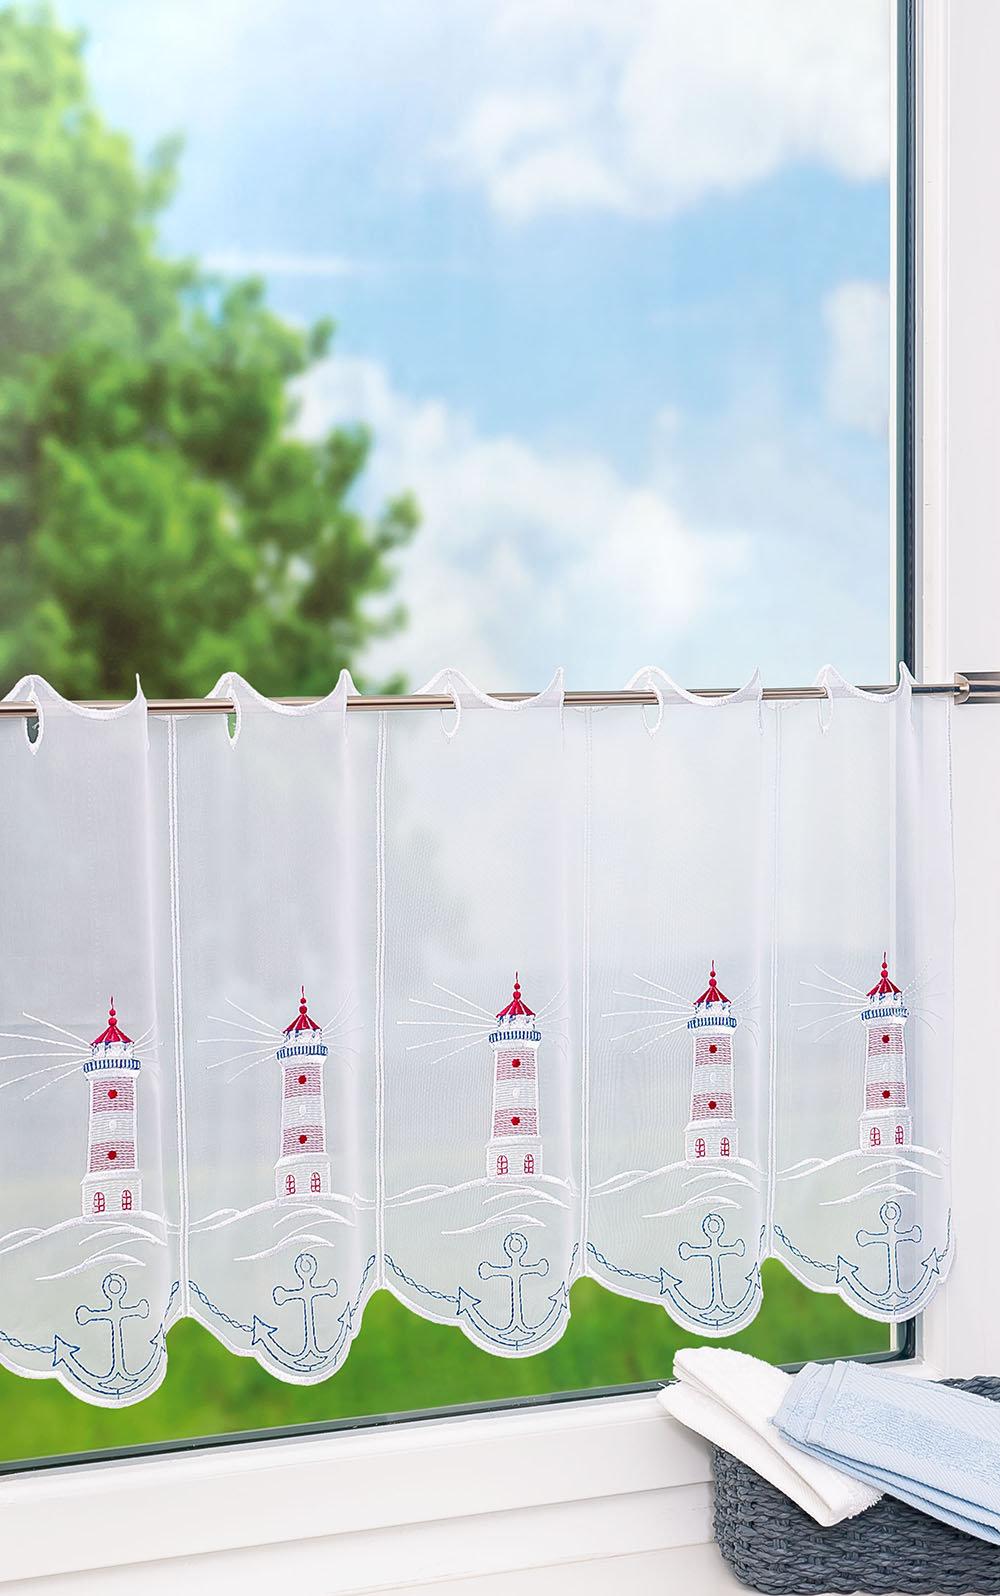 Full Size of Modern Küchengardinen Scheibengardinen Klassisch Bistrogardinen Im Moderne Deckenleuchte Wohnzimmer Küche Weiss Deckenlampen Modernes Bett 180x200 Tapete Wohnzimmer Modern Küchengardinen